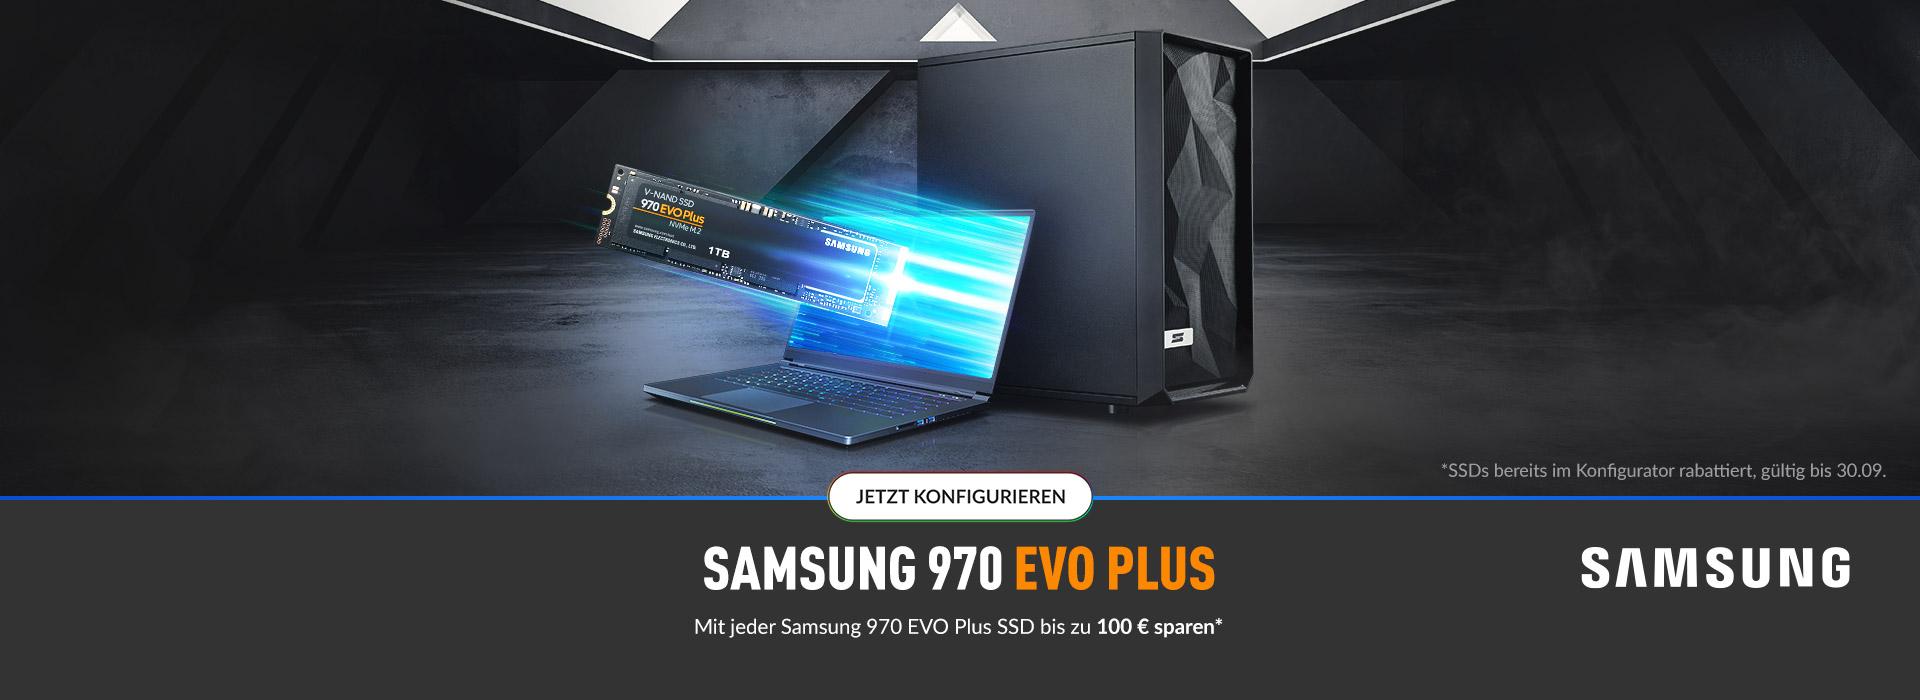 Mit jeder Samsung 970 EVO Plus bis zu 100 € sparen